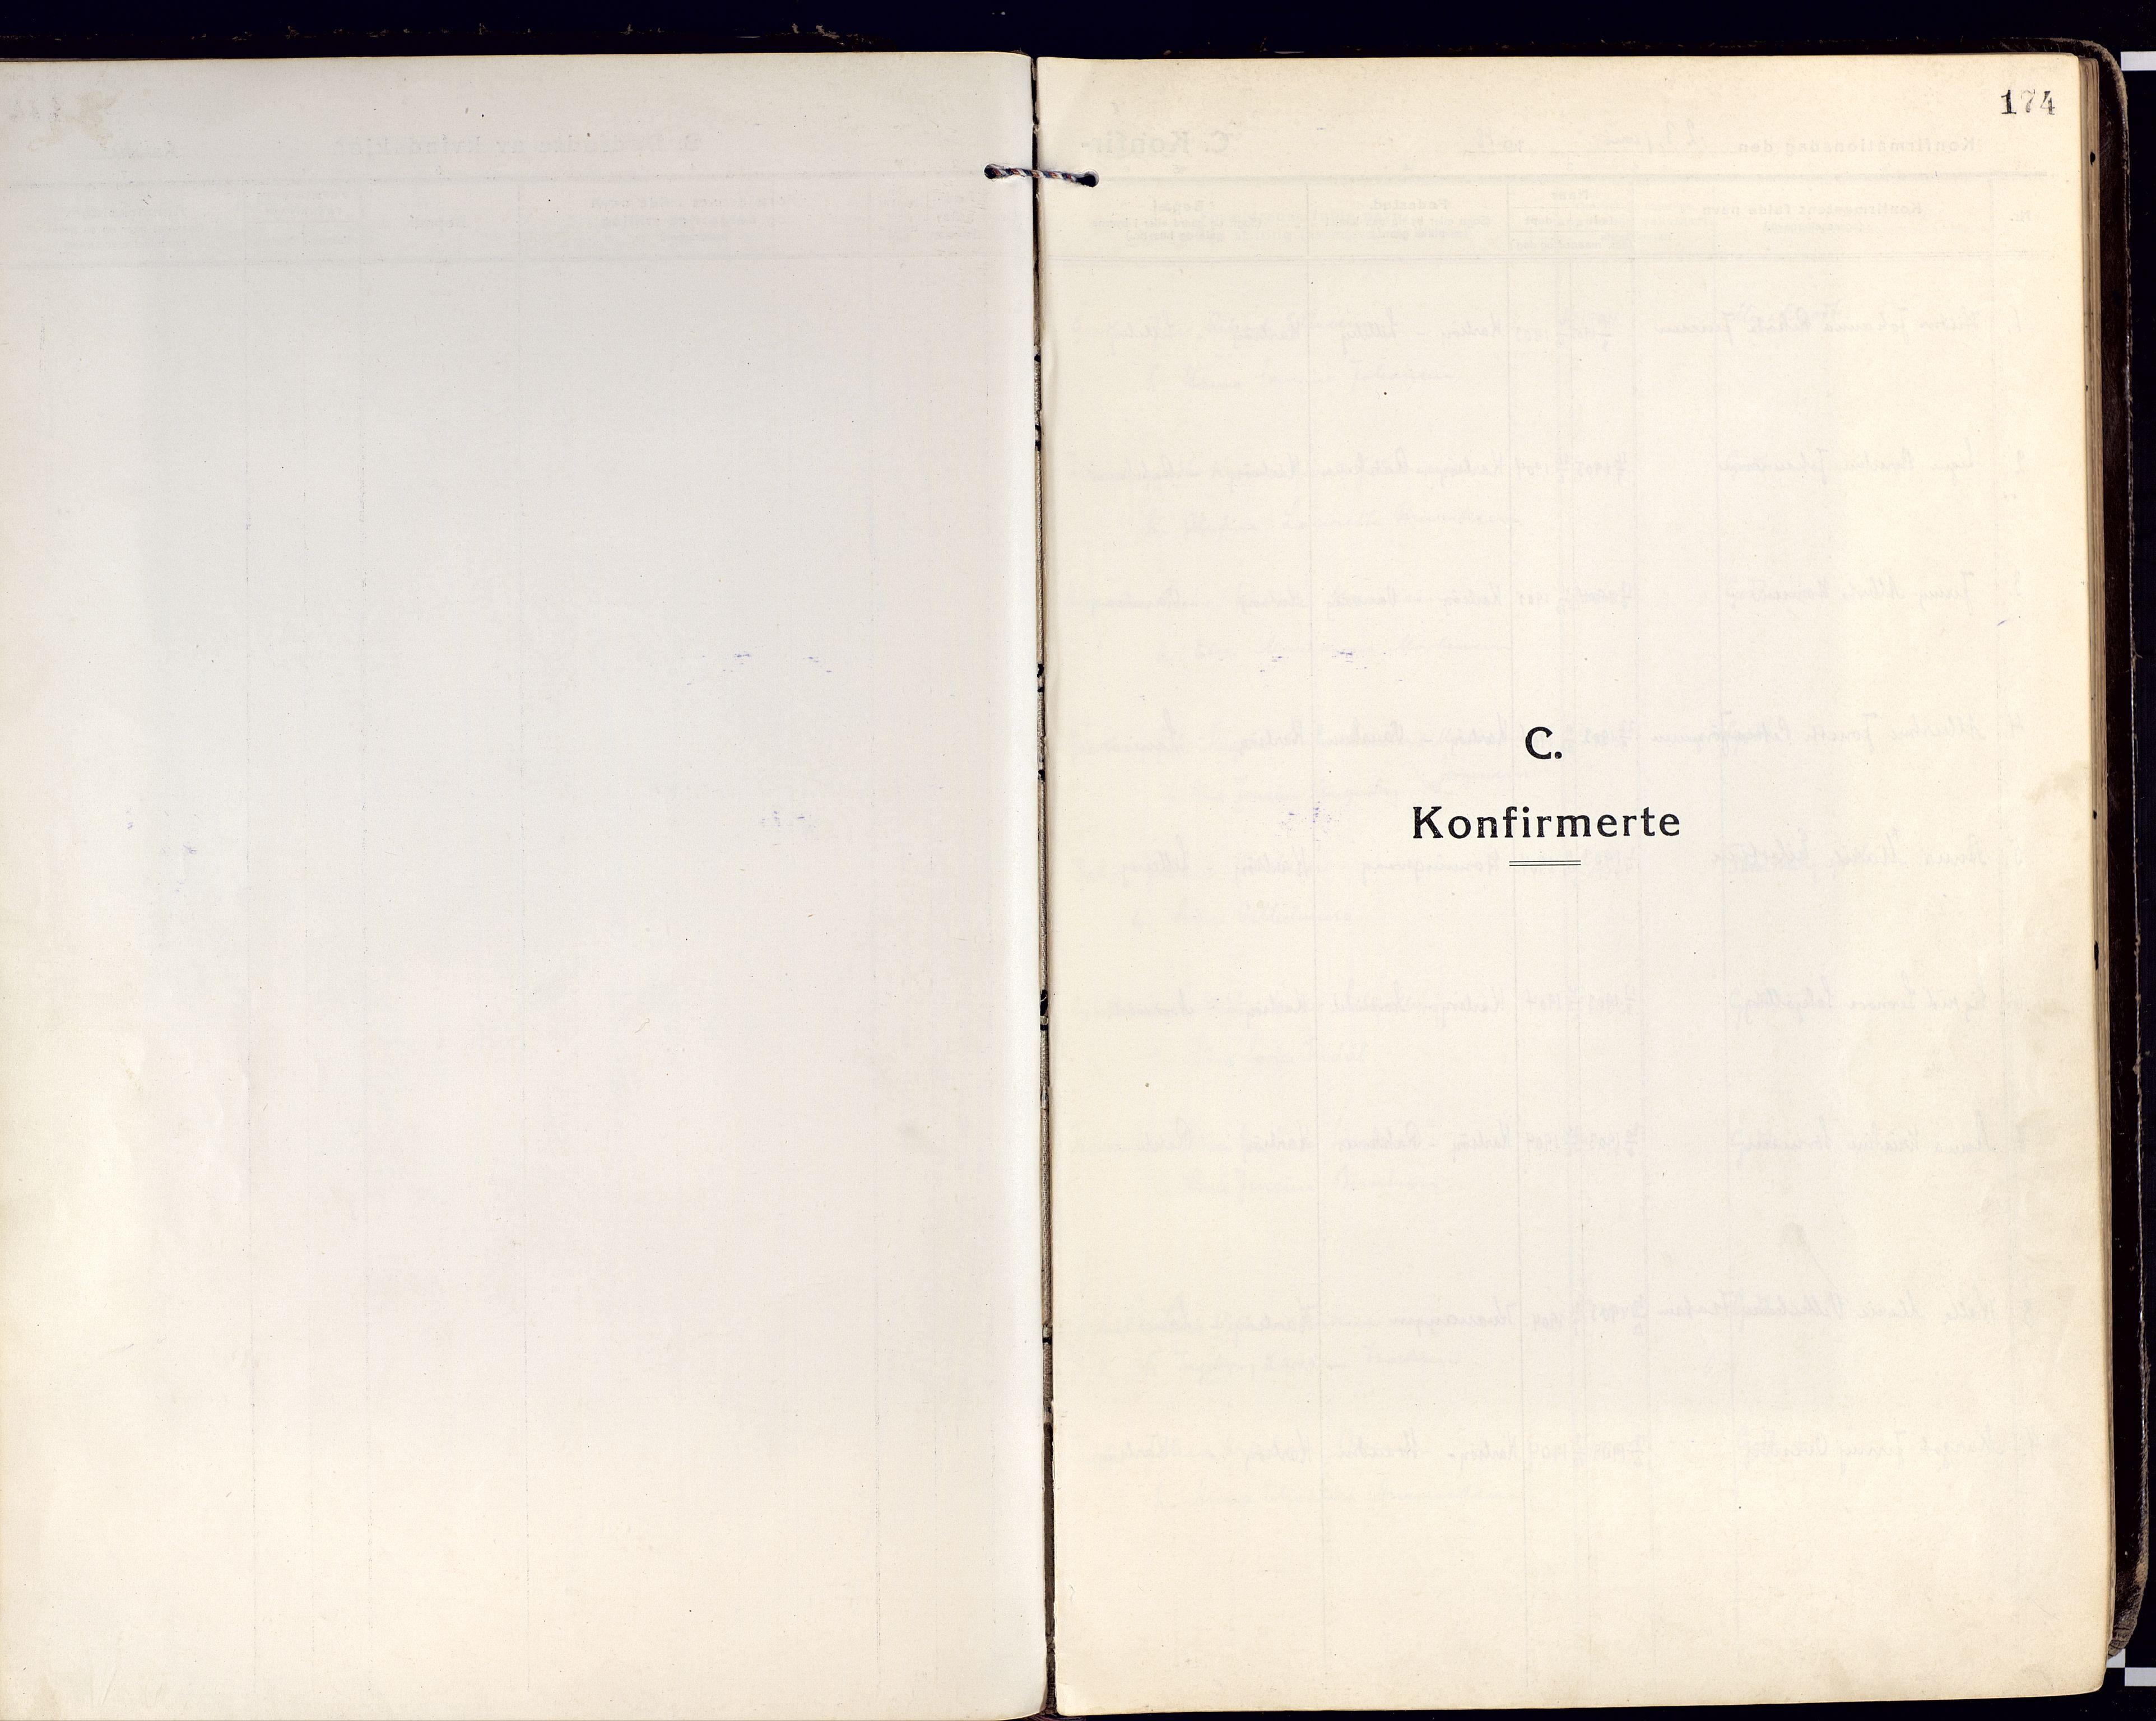 SATØ, Karlsøy sokneprestembete, Ministerialbok nr. 15, 1918-1929, s. 174